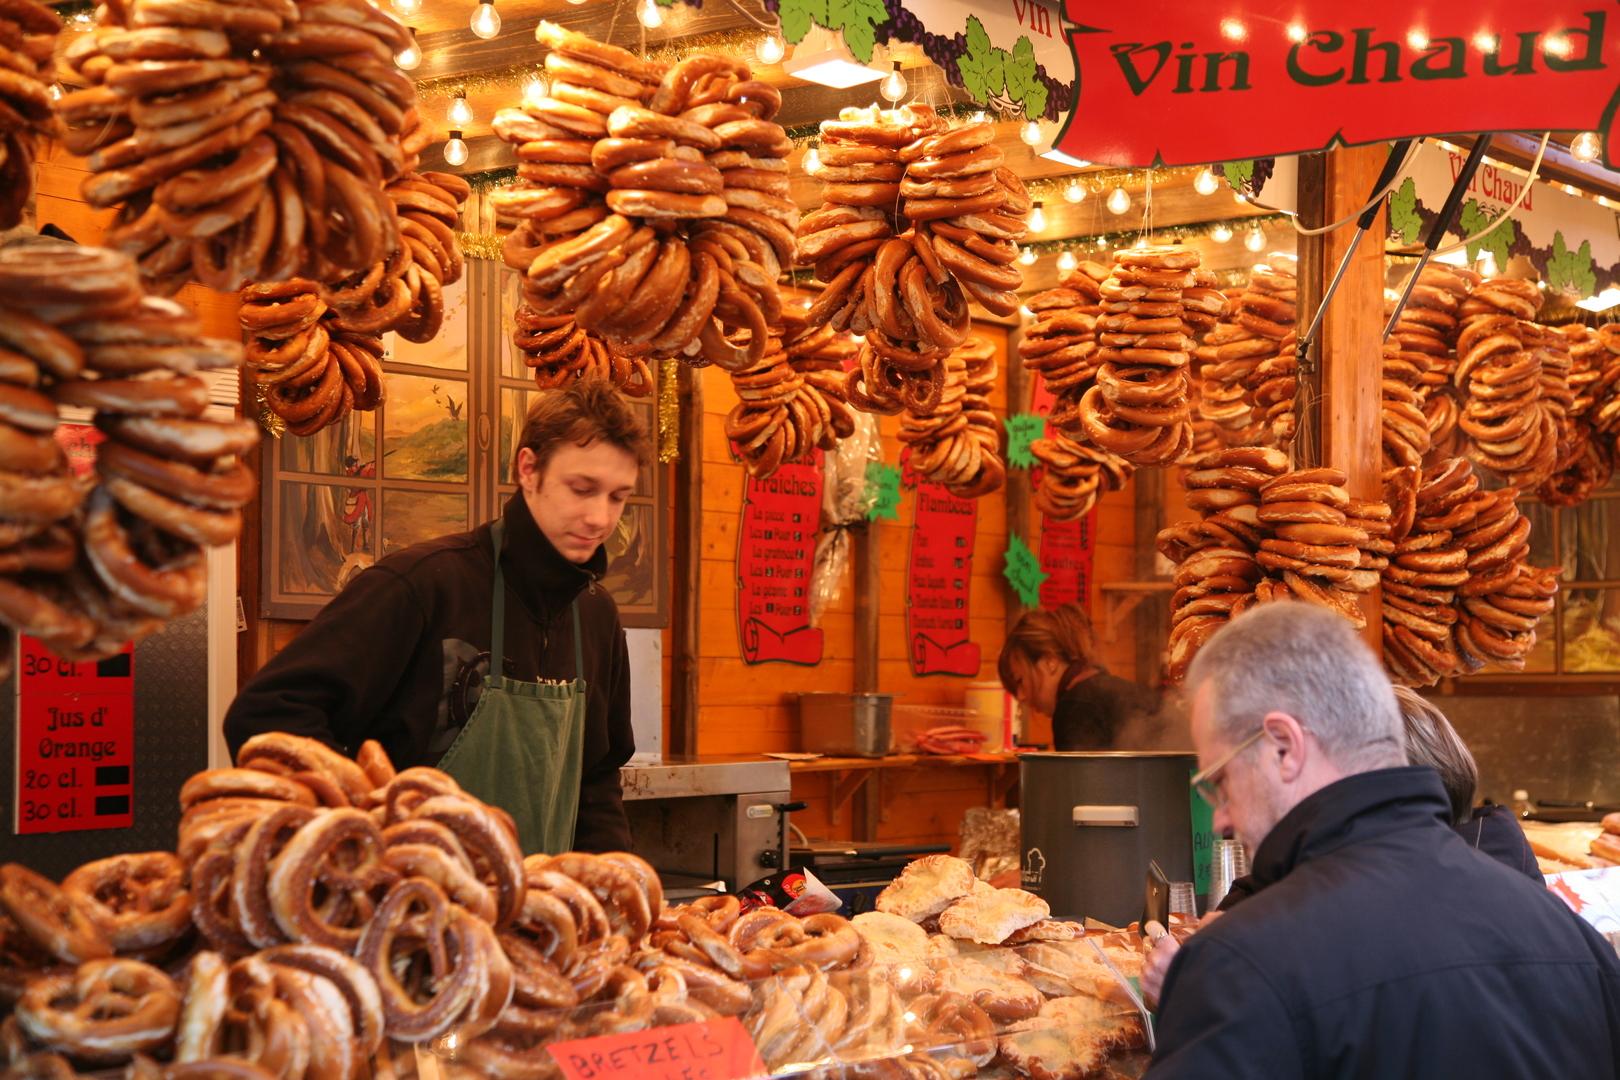 Banco dei bretzel in un mercatino